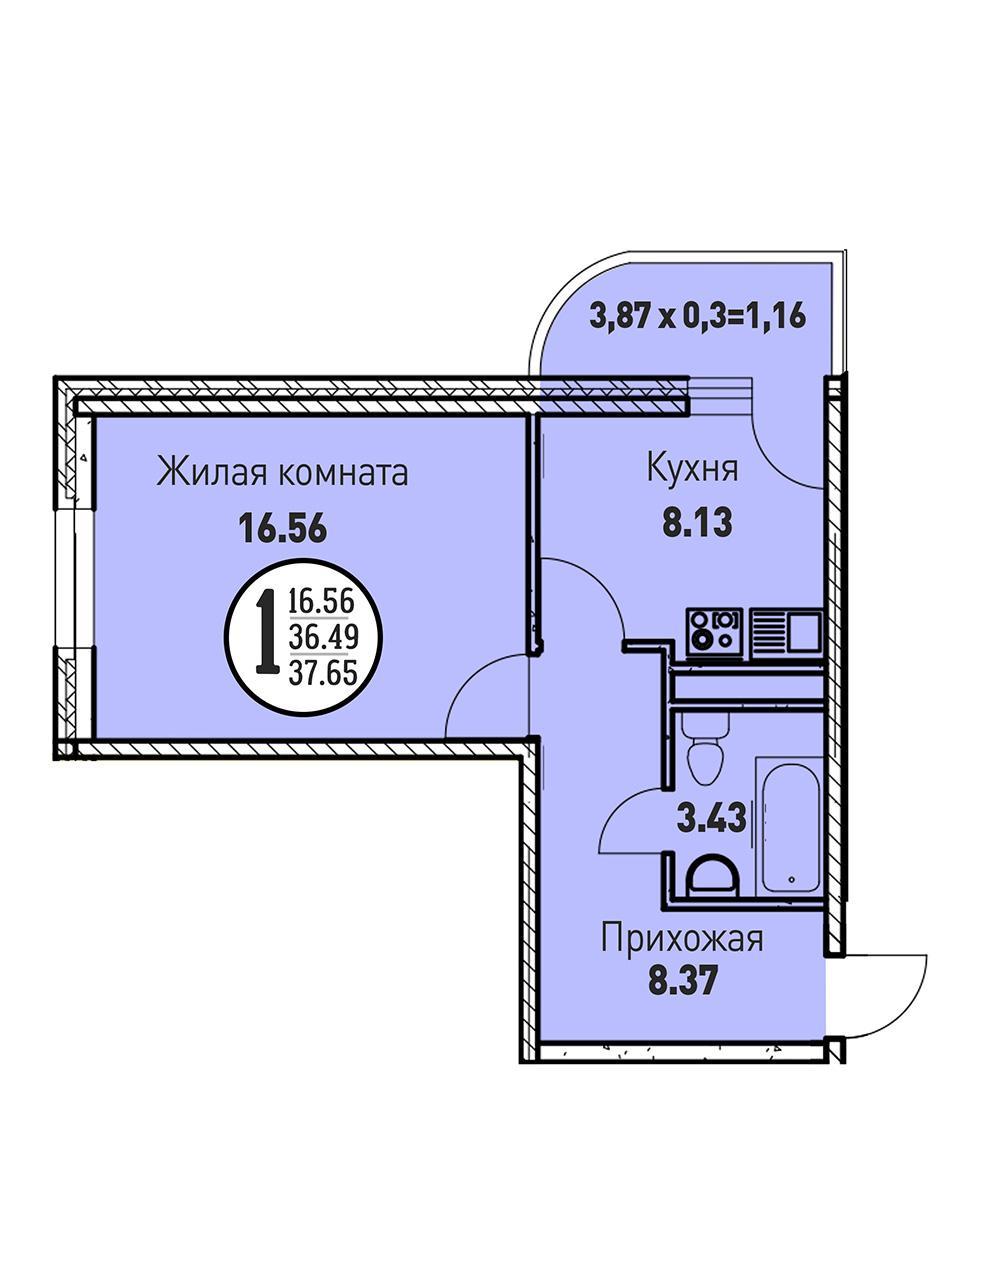 ЖК «Цветы» Квартира 37.65 (Ипотека 7,4)